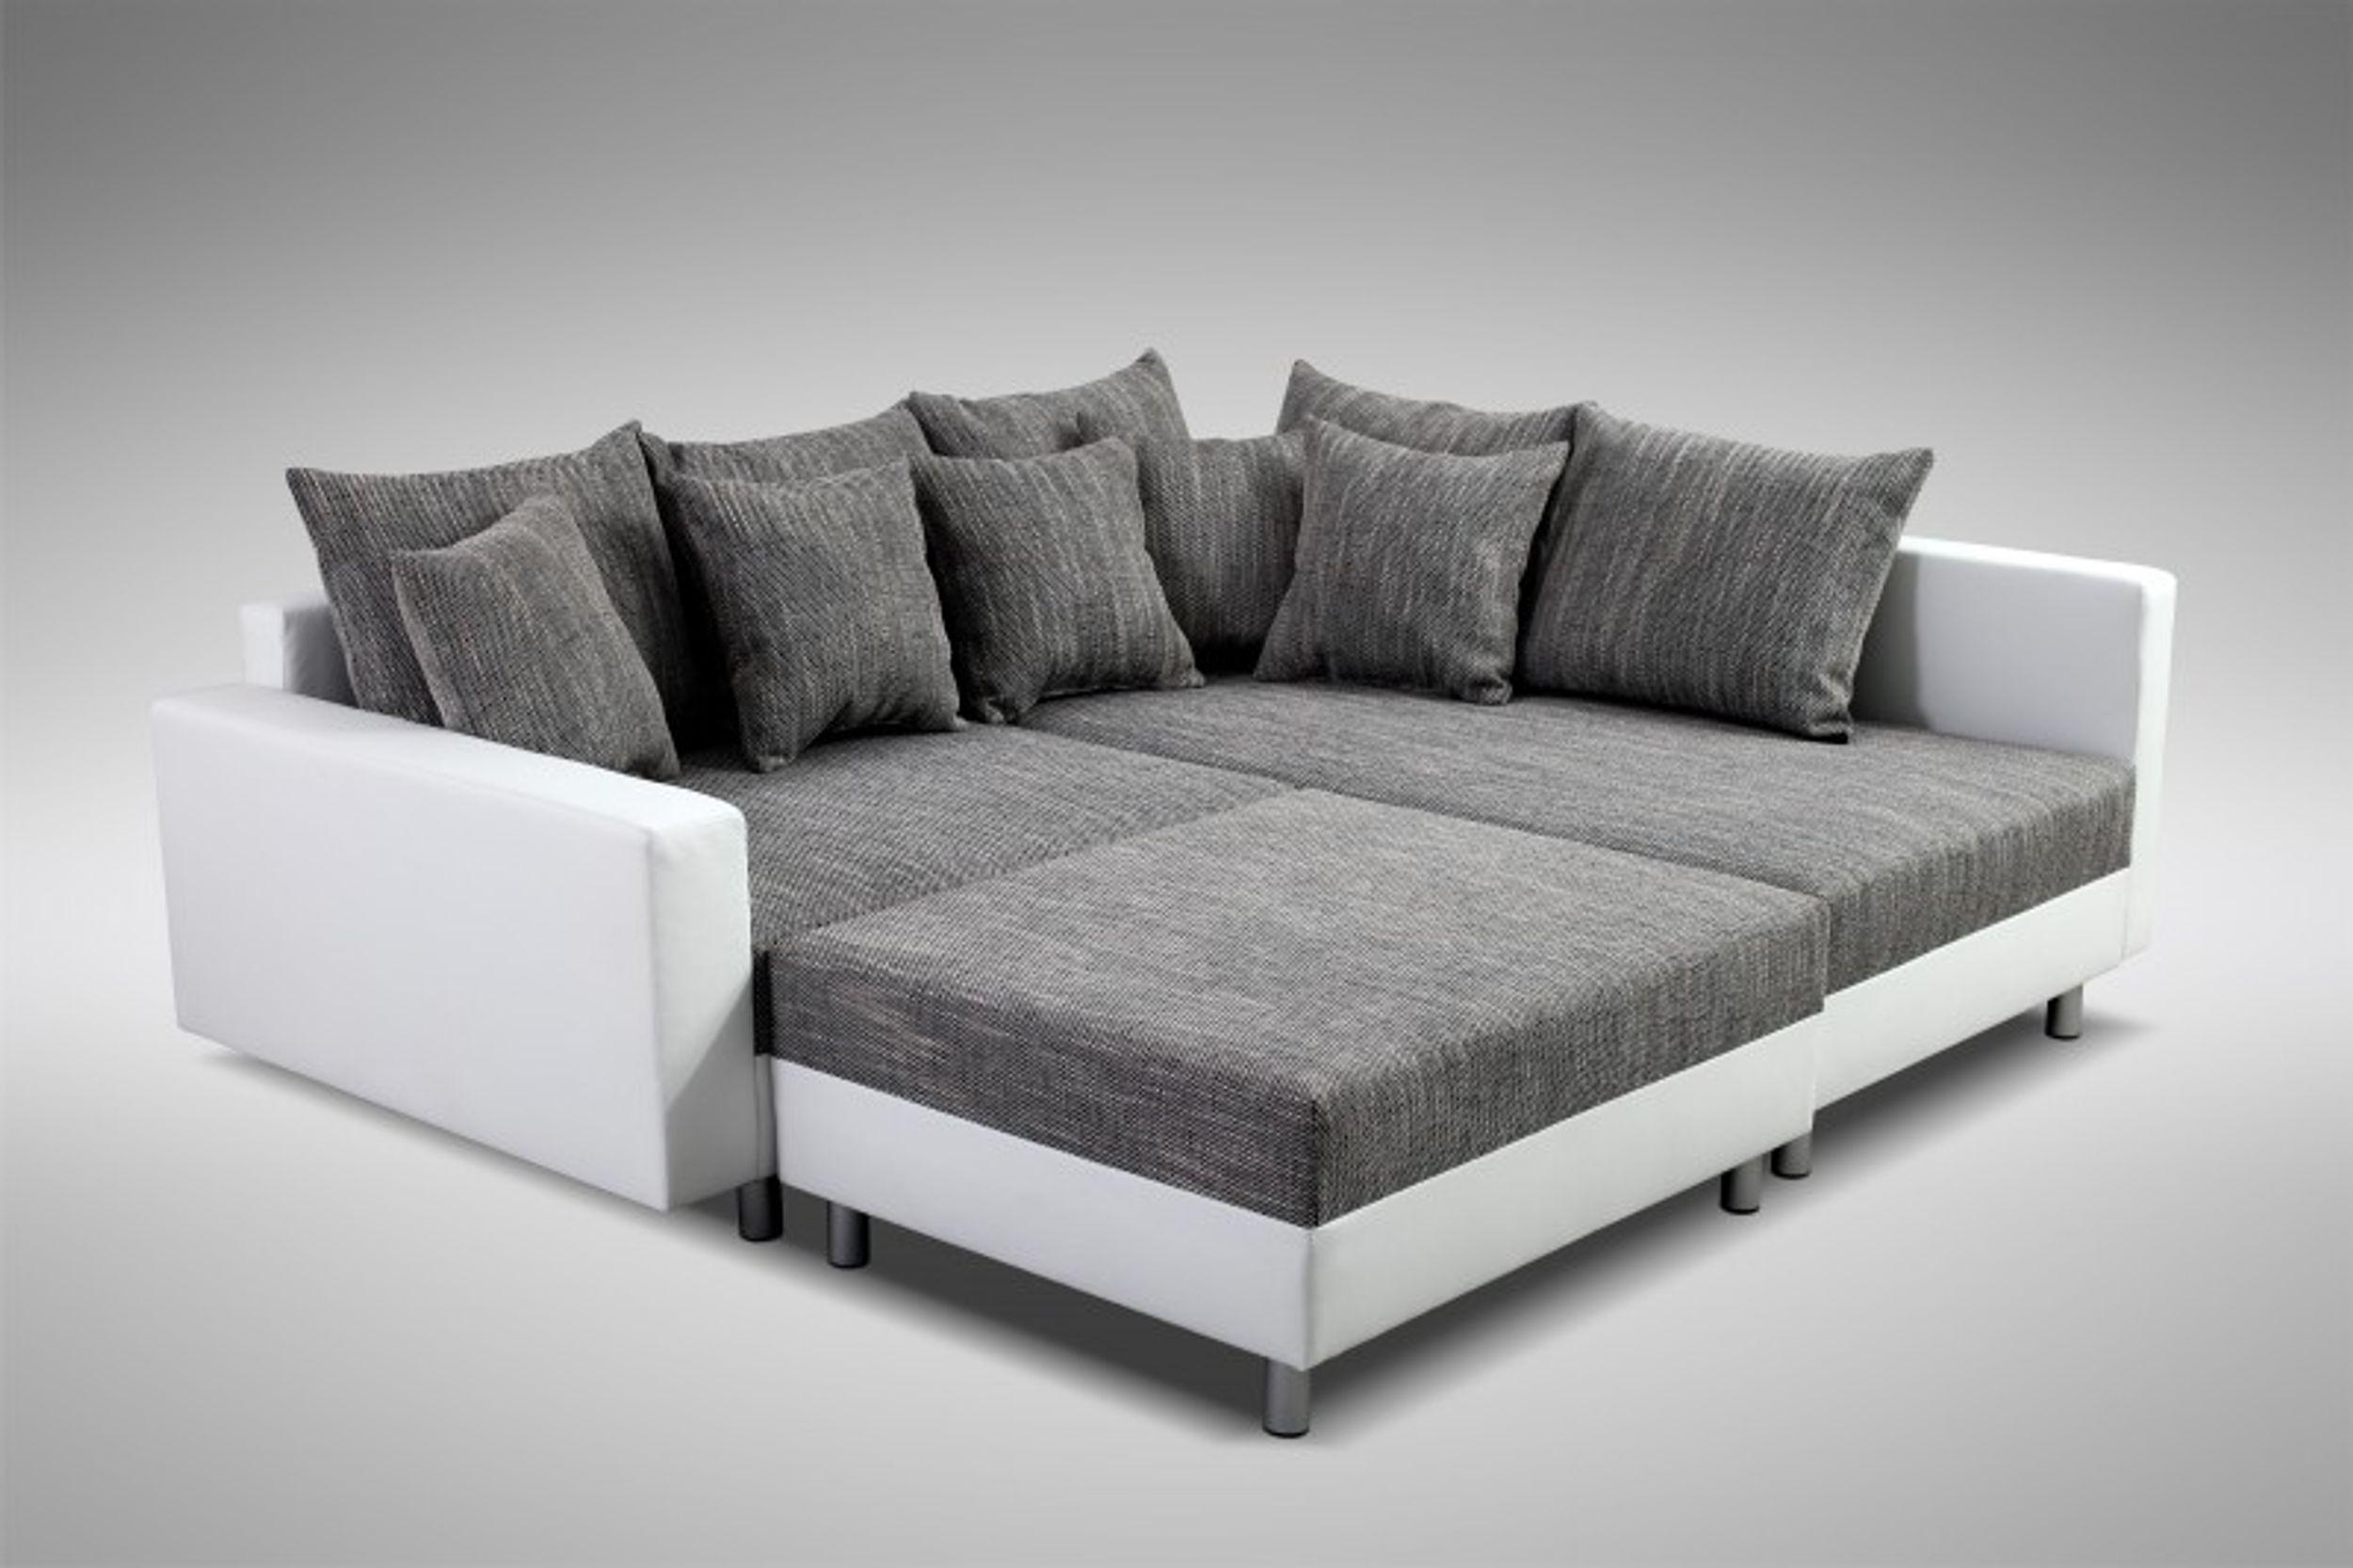 Modernes Sofa Couch Ecksofa Eckcouch In Weiss Eckcouch Mit Hocker